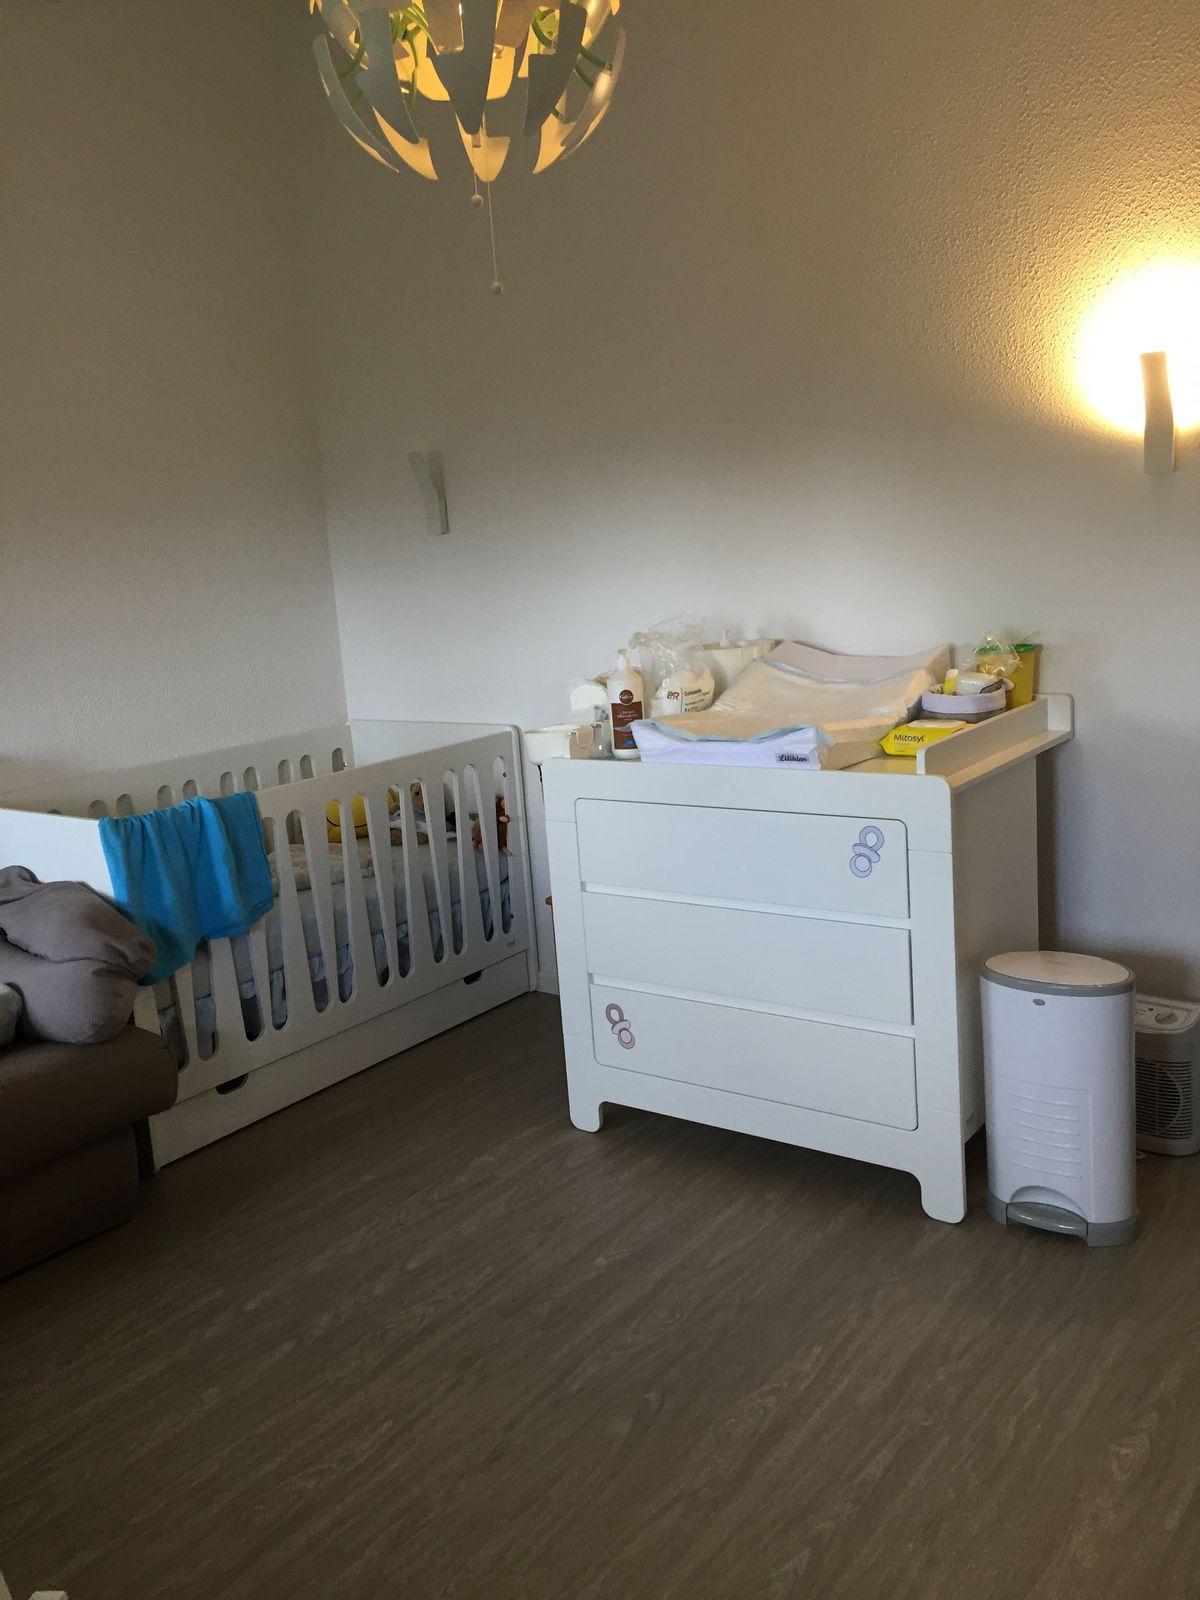 chambre b b volutive pinio collection moon l honneur gr ce une fid le cliente du. Black Bedroom Furniture Sets. Home Design Ideas